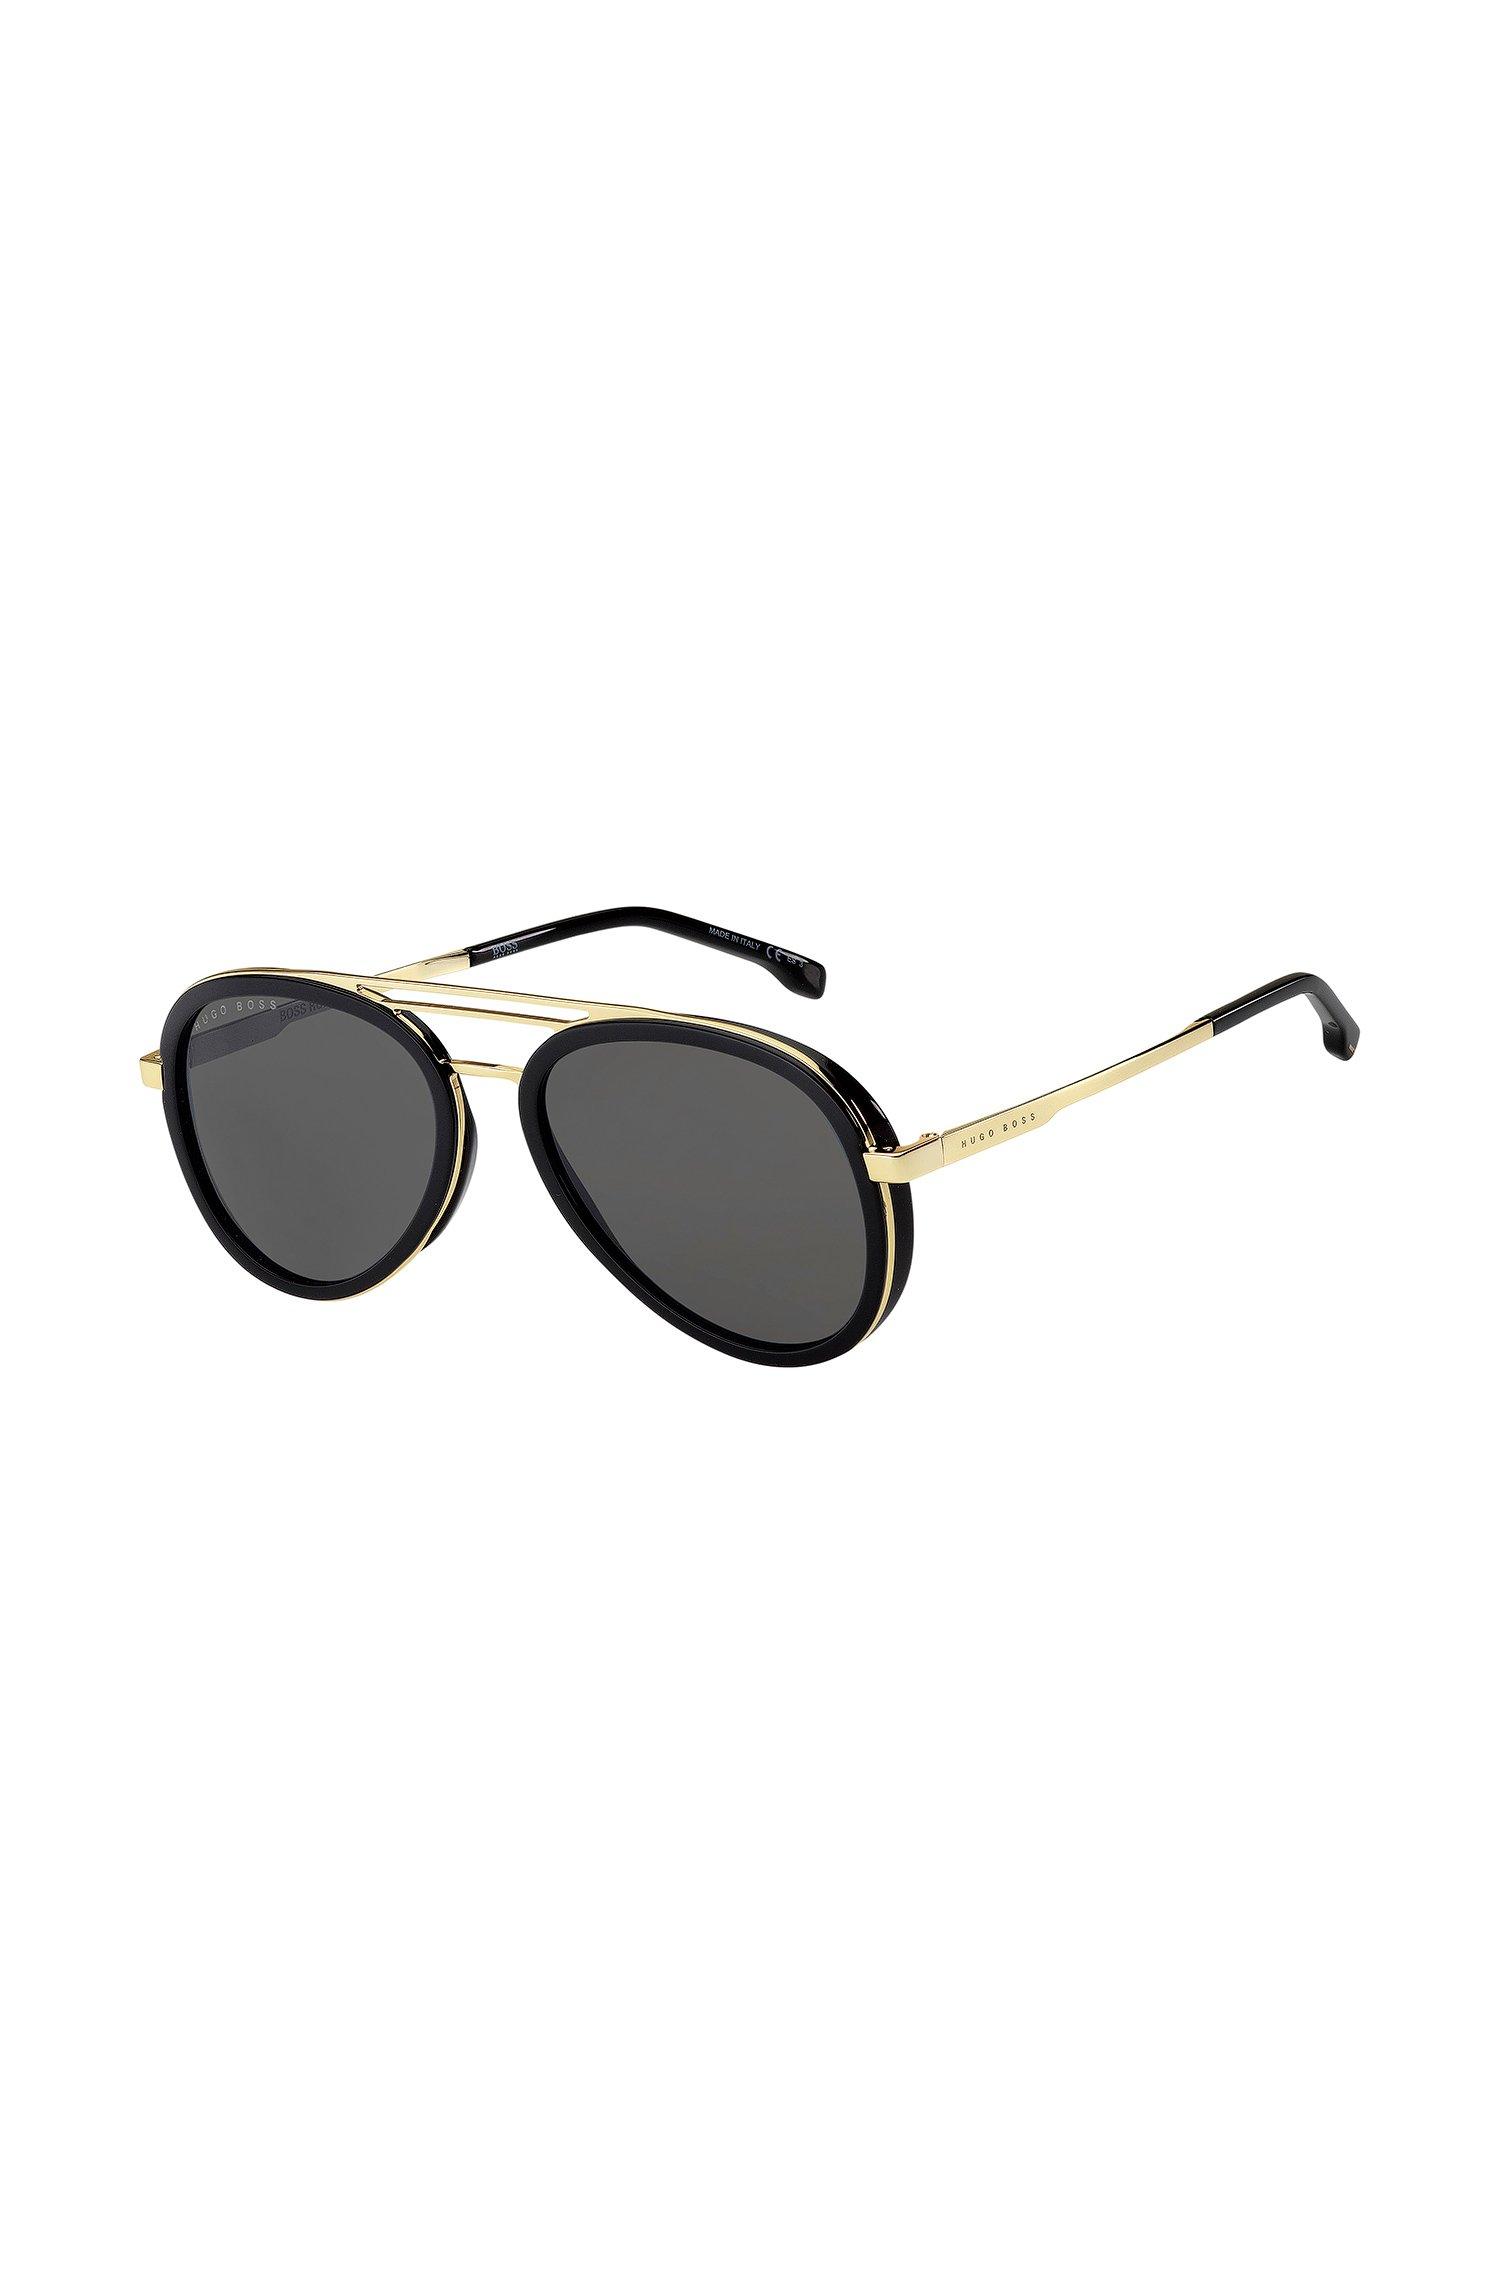 Zonnebril met drie neusbruggen en zwart en goudkleurig montuur, Assorted-Pre-Pack